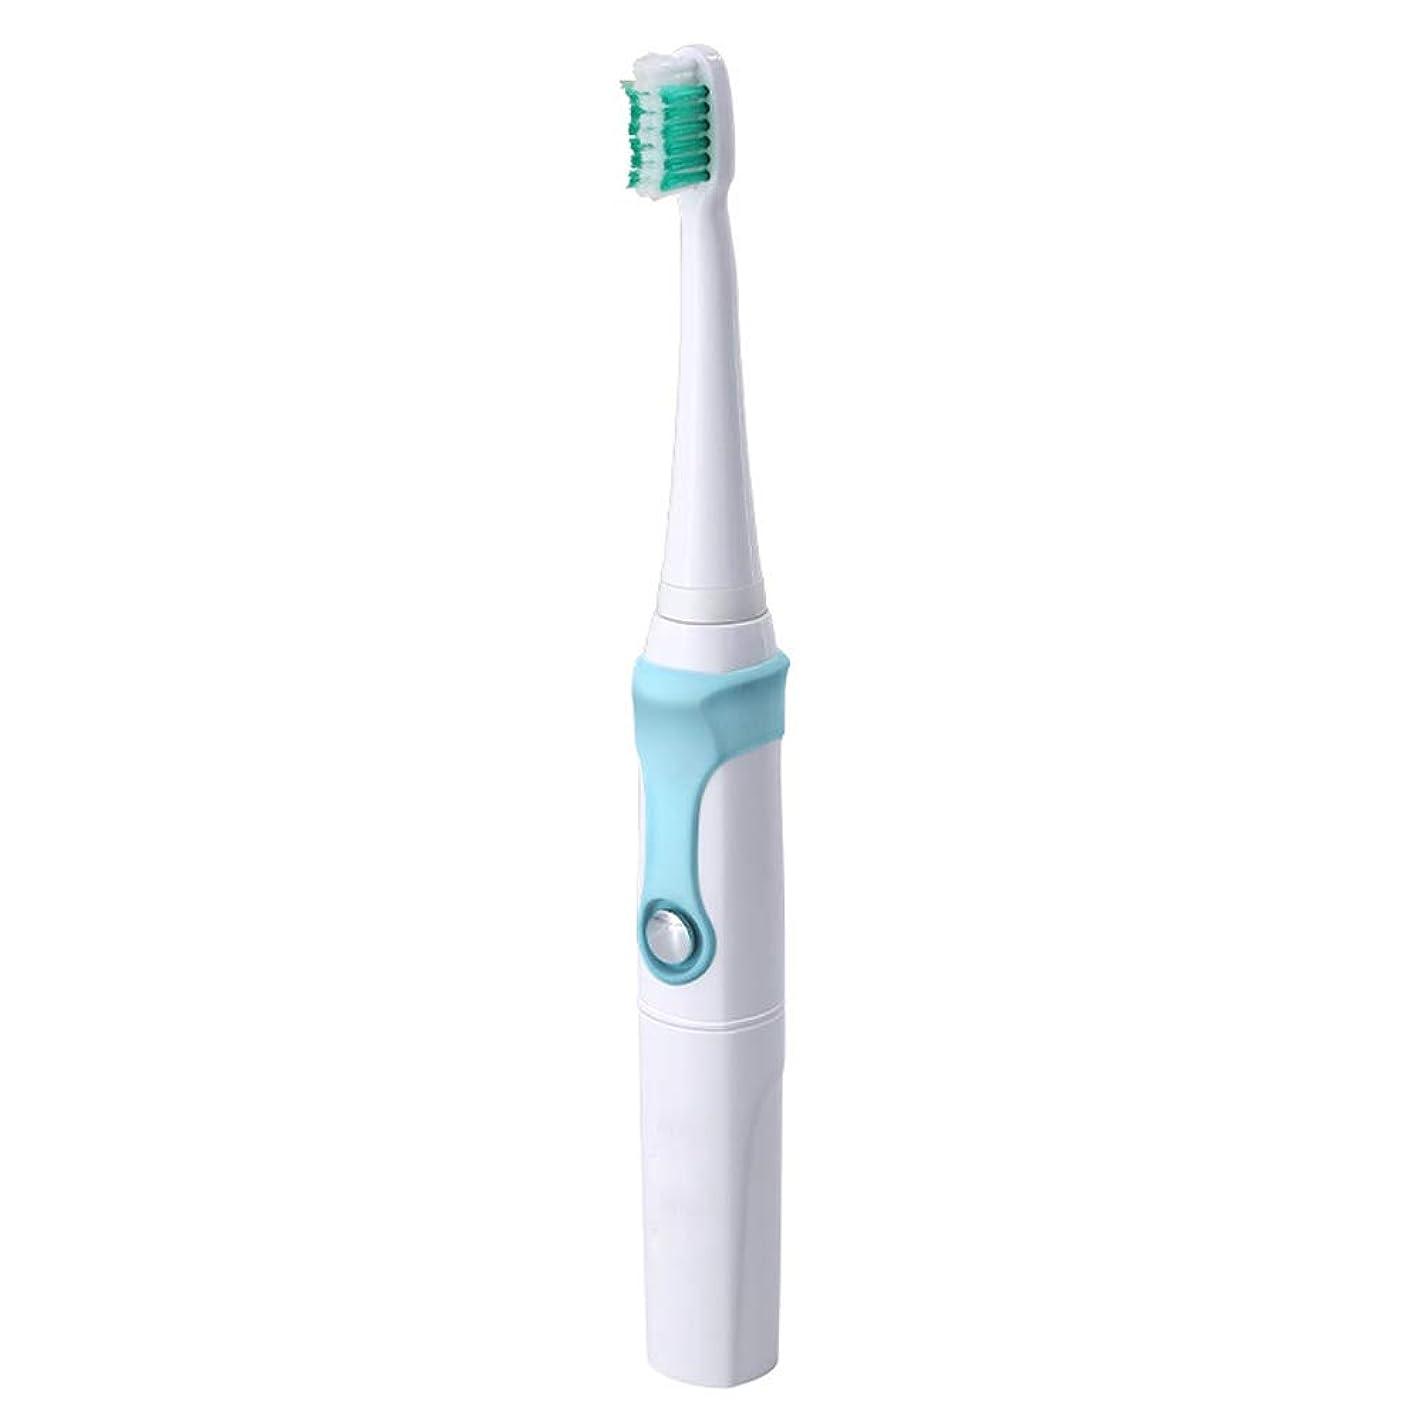 レーダー冷凍庫灰電動歯ブラシ洗浄超音波歯ブラシ防水精密ブラシヘッド旅行